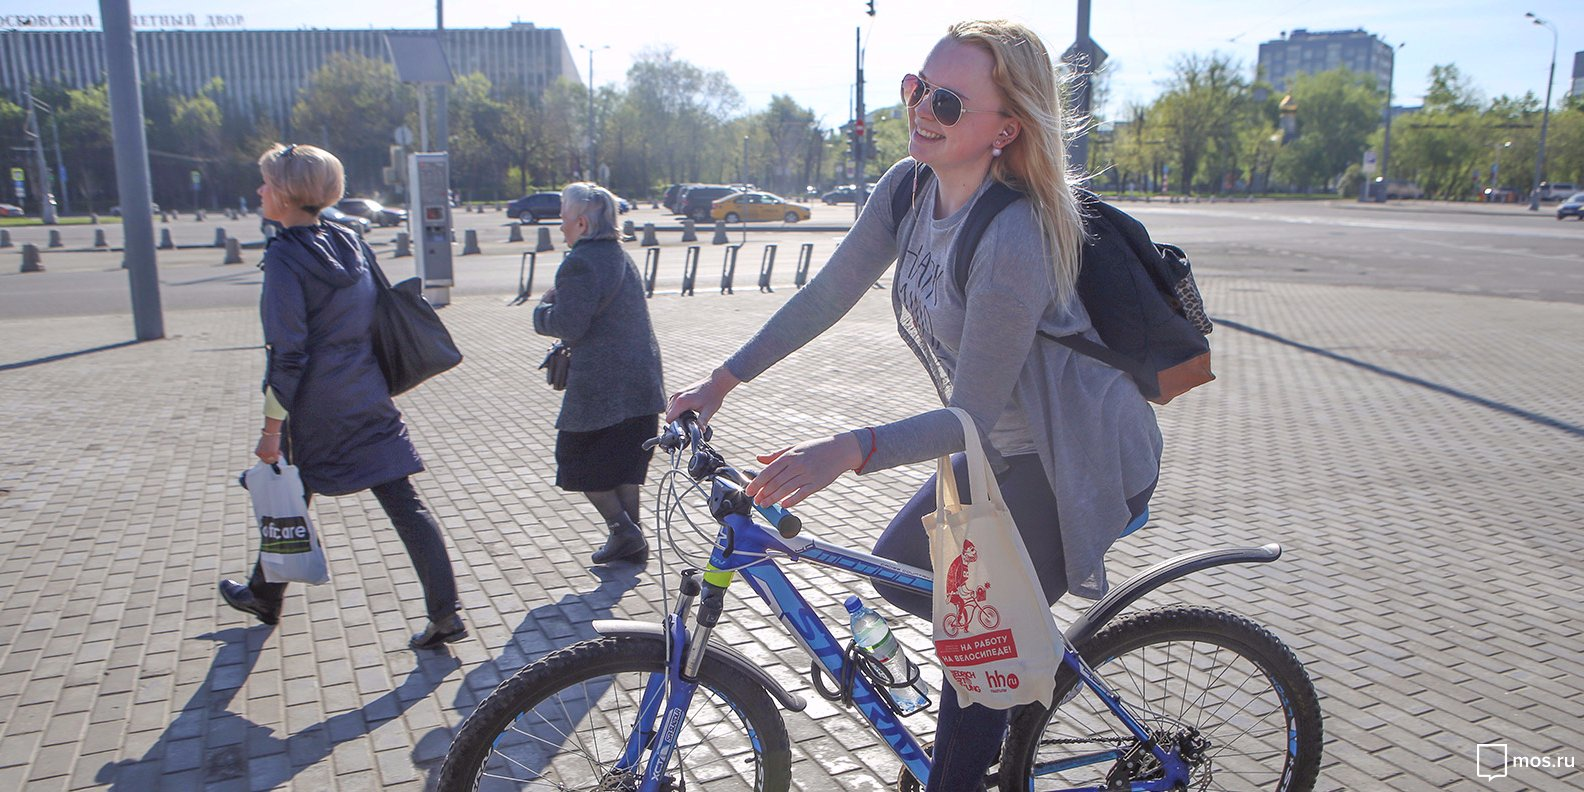 Акция «Наработу навелосипеде» пройдет в столице России 22сентября